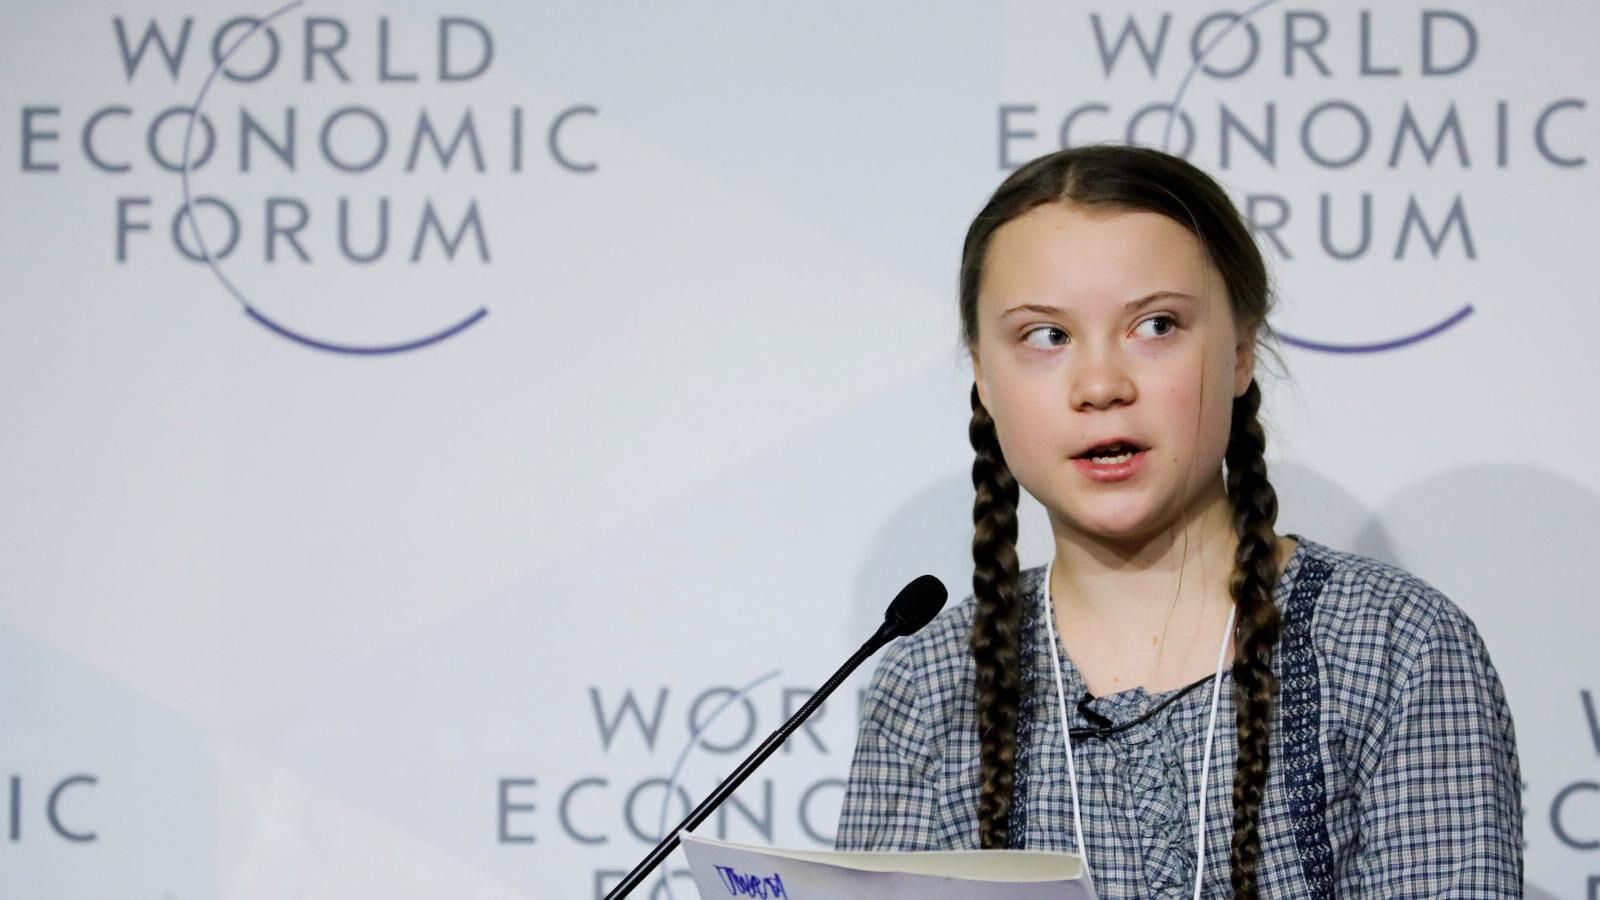 Greta Thunberg e1548438820504